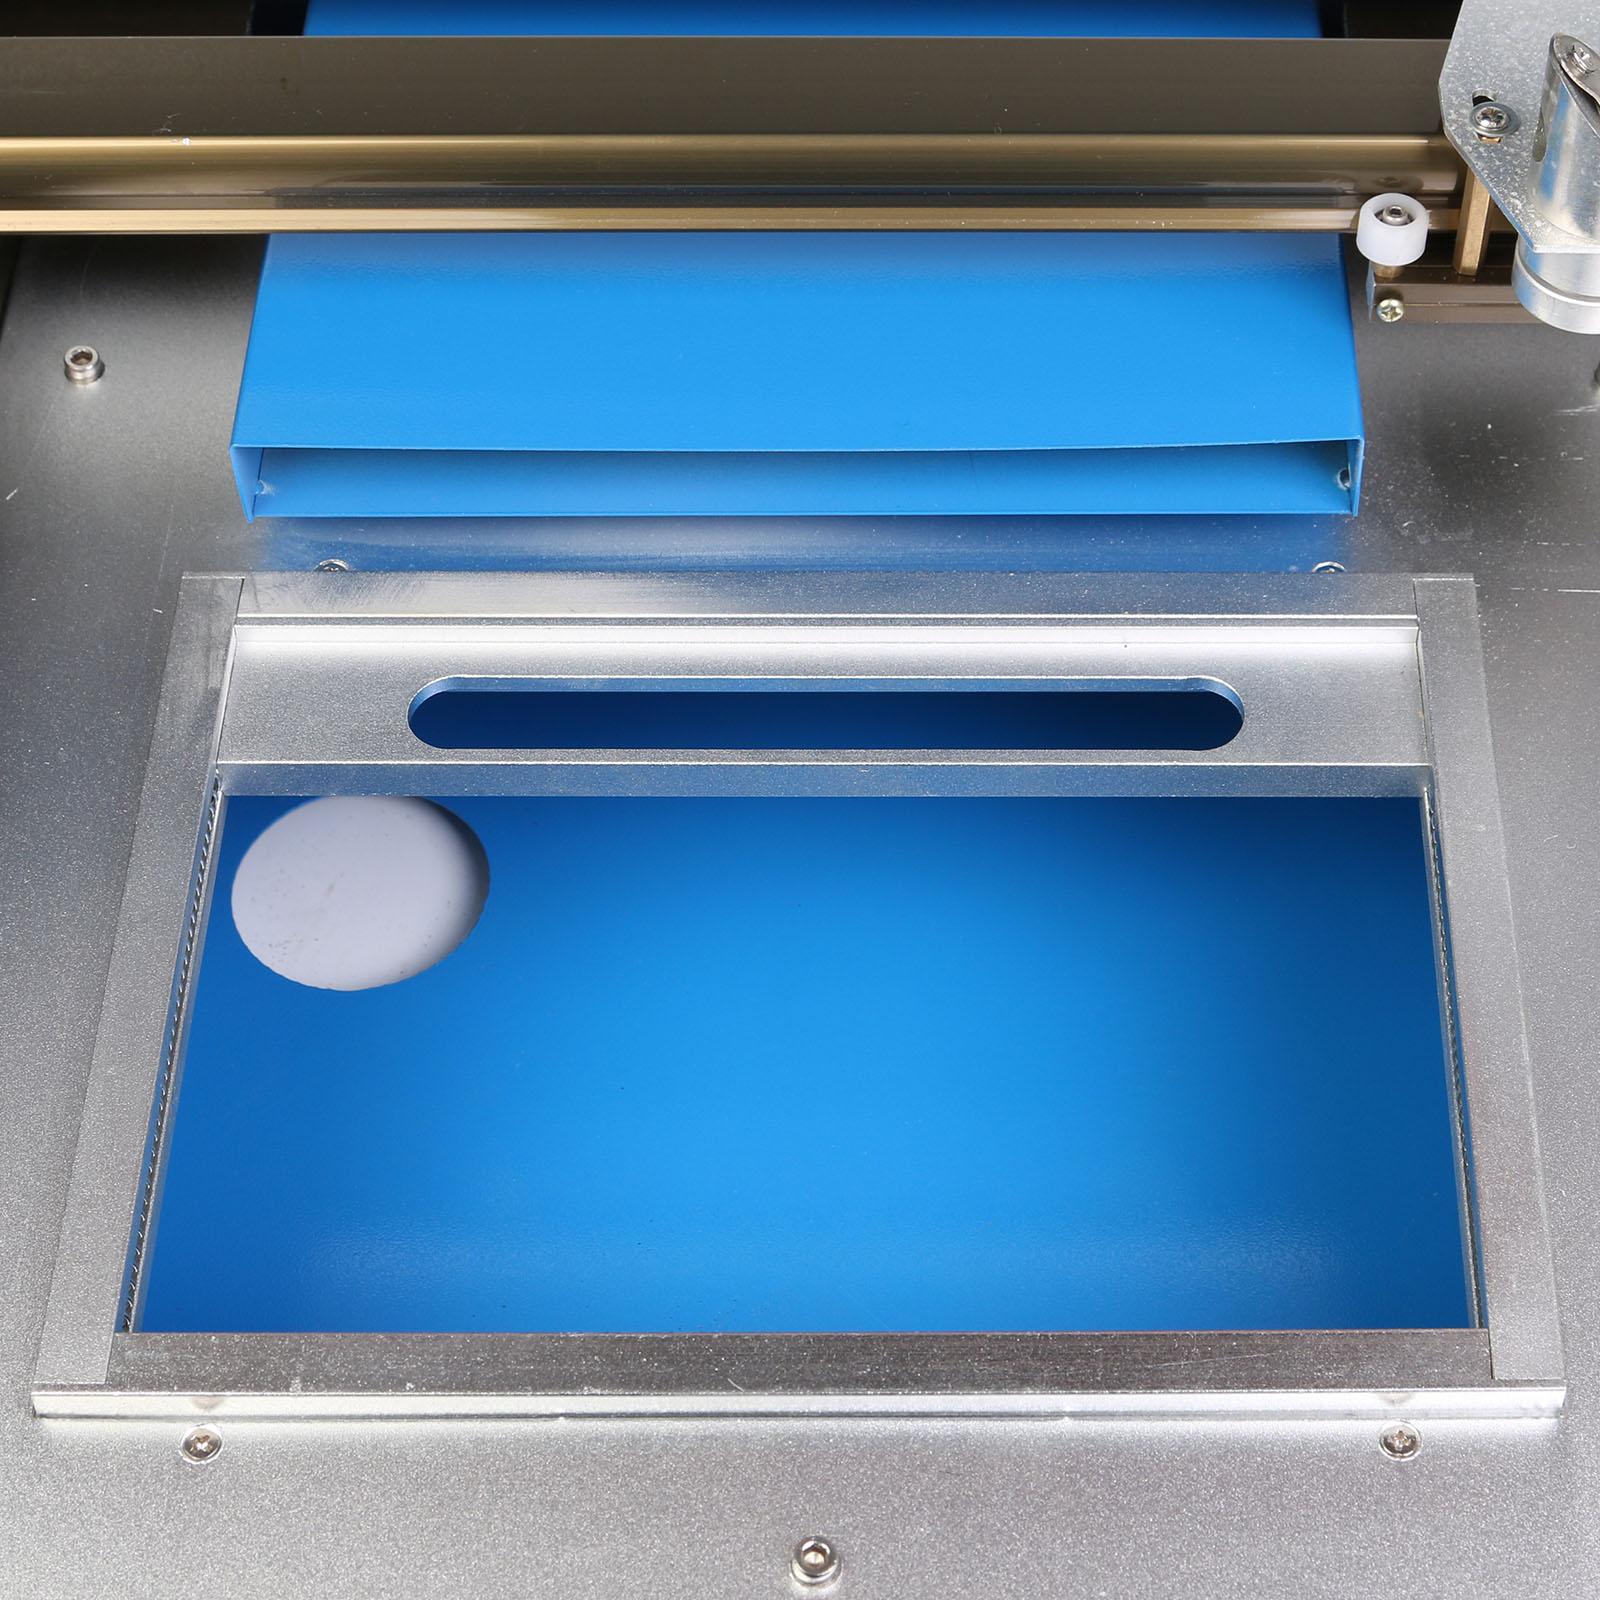 Обновленная высокоточная и высокая скорость третьего поколения CO2 лазерная d100-17.jpg